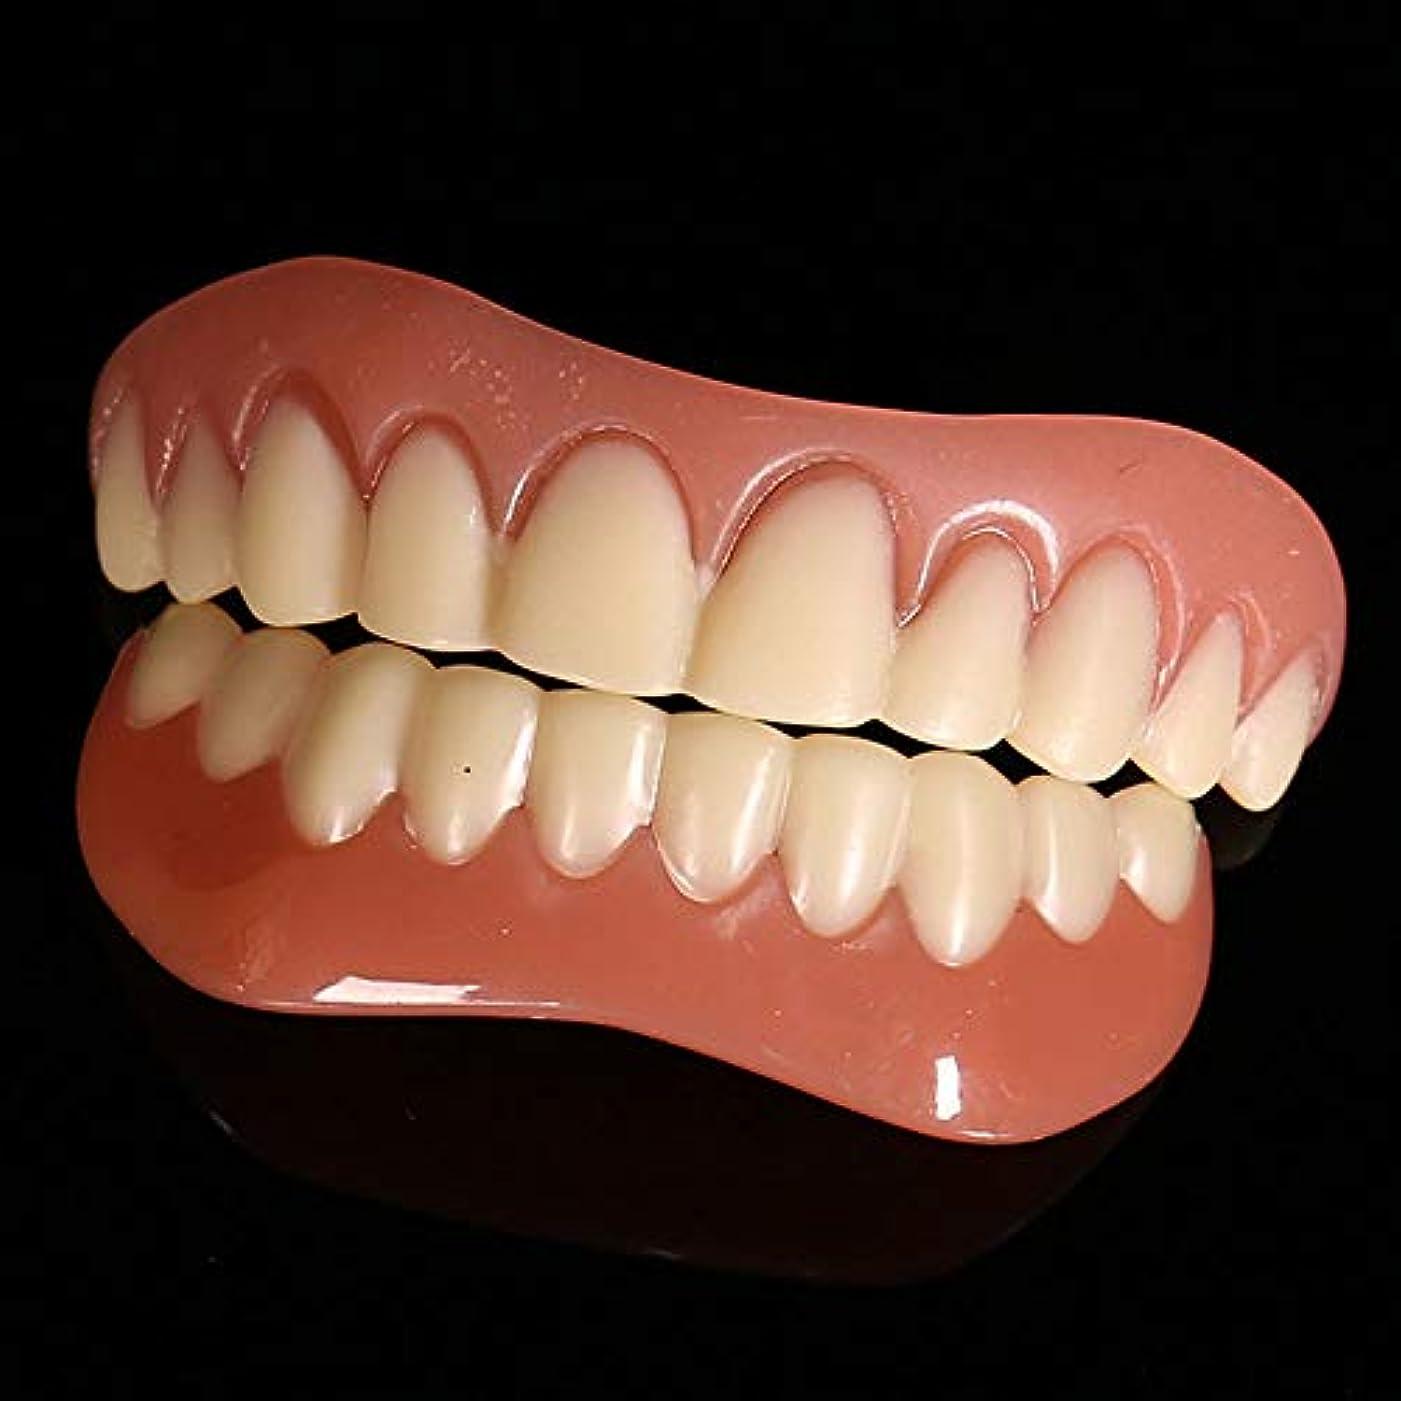 ベーシックモード考古学義歯シミュレーション入れ歯の6セットは、シリコーン現実的なホワイトニング中括弧を使用してサイクルを洗浄することができます